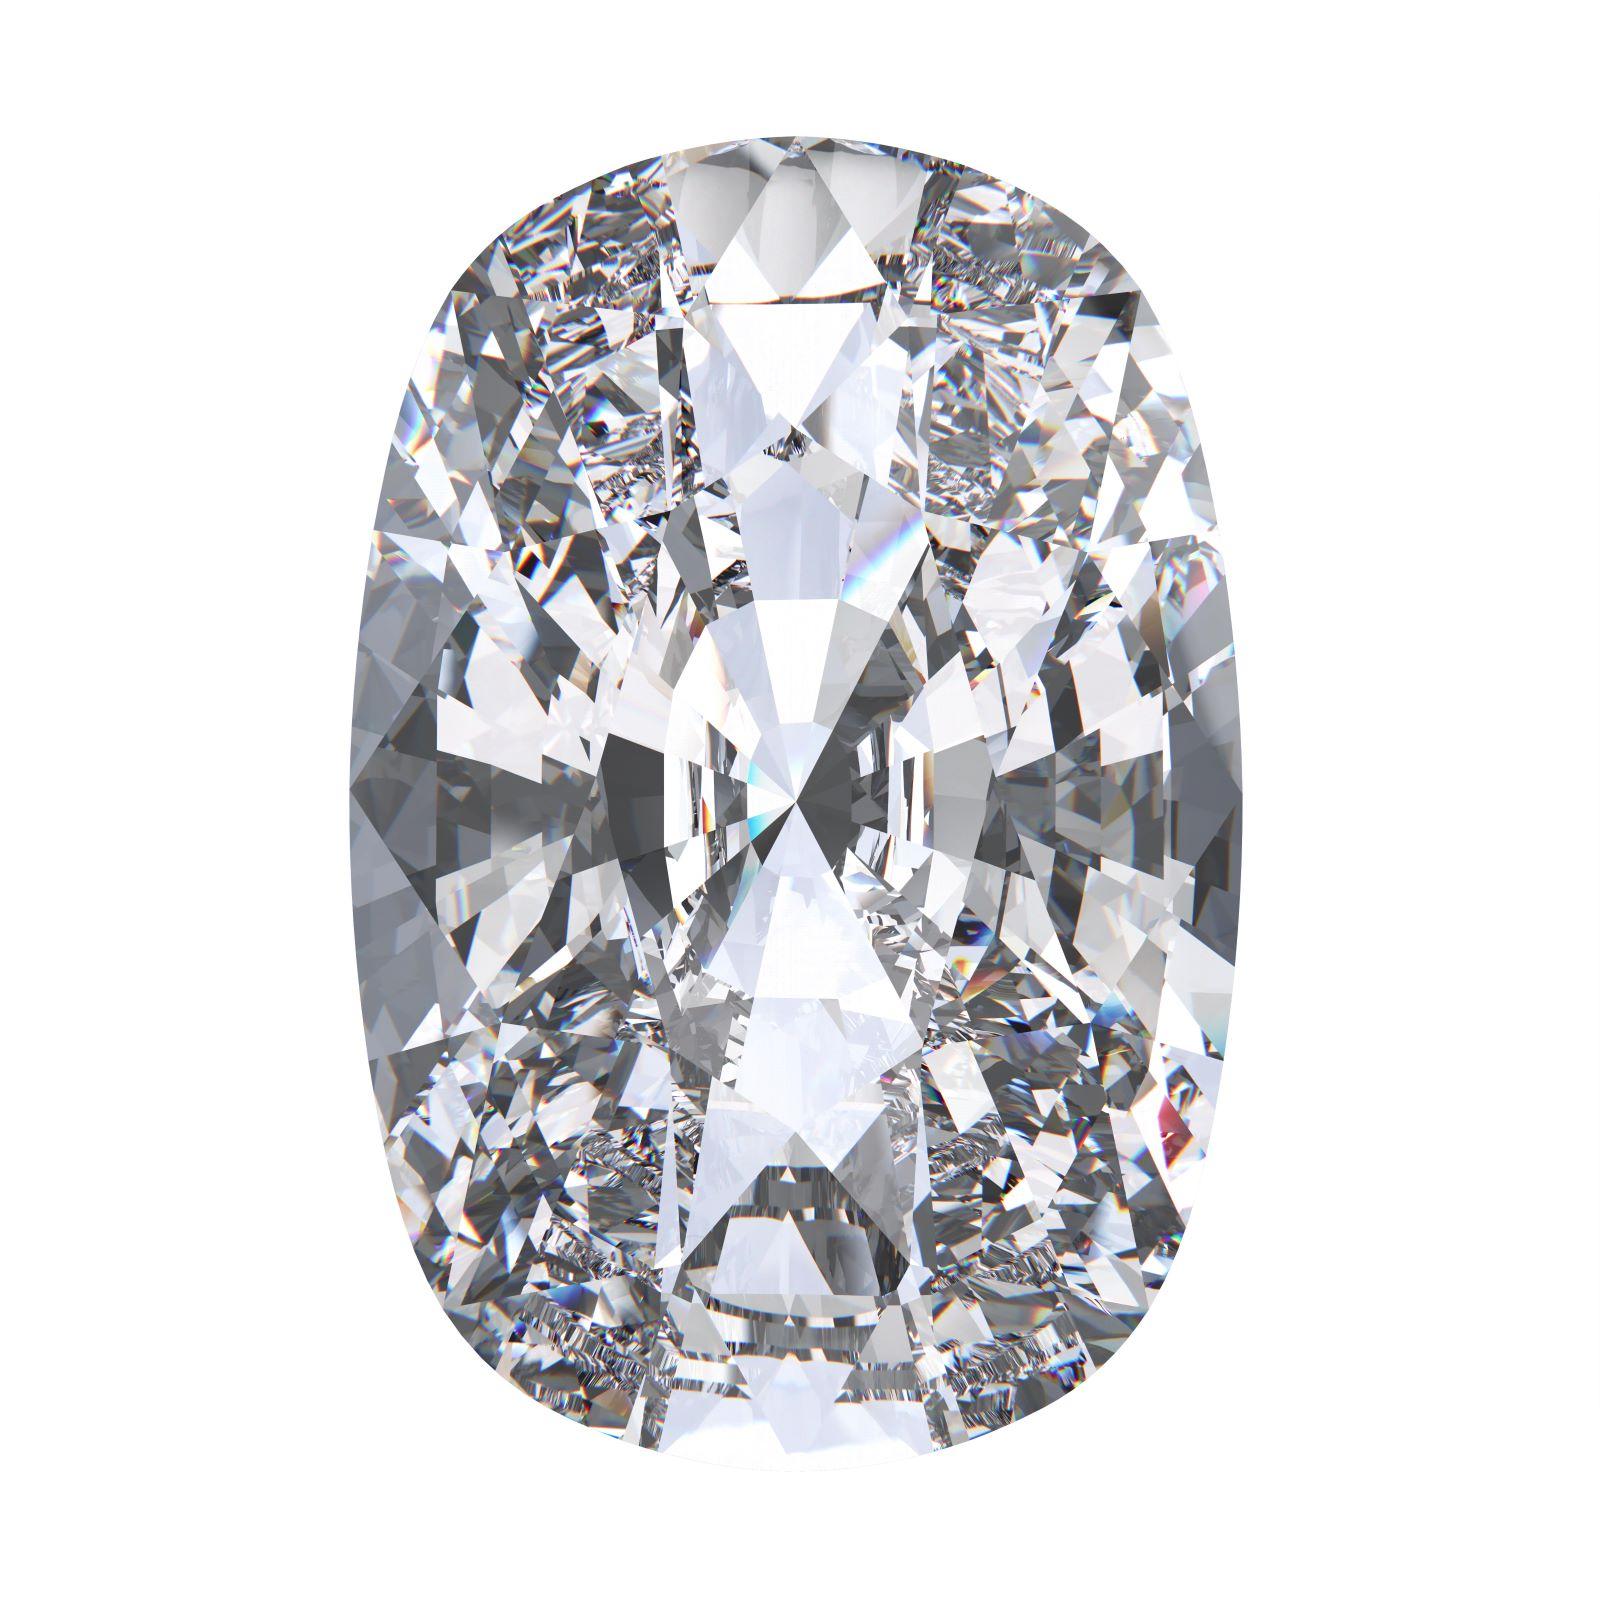 Diamond with cushion cut